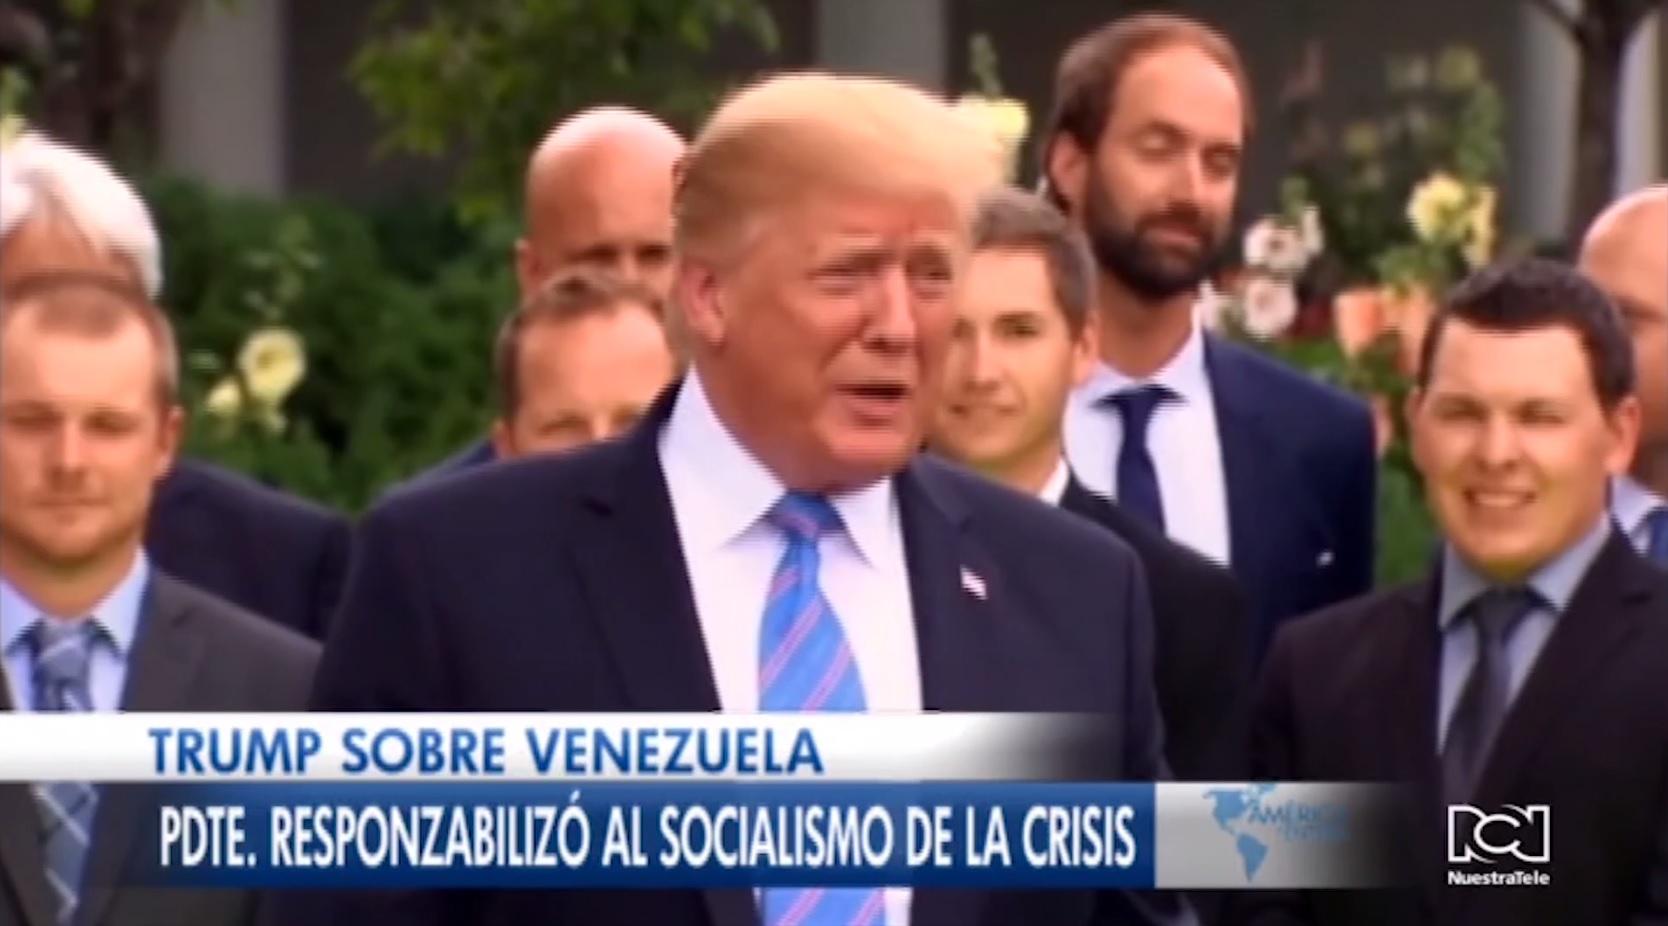 trump-dice-que-la-crisis-en-venezuela-es-culpa-del-socialismo.jpg